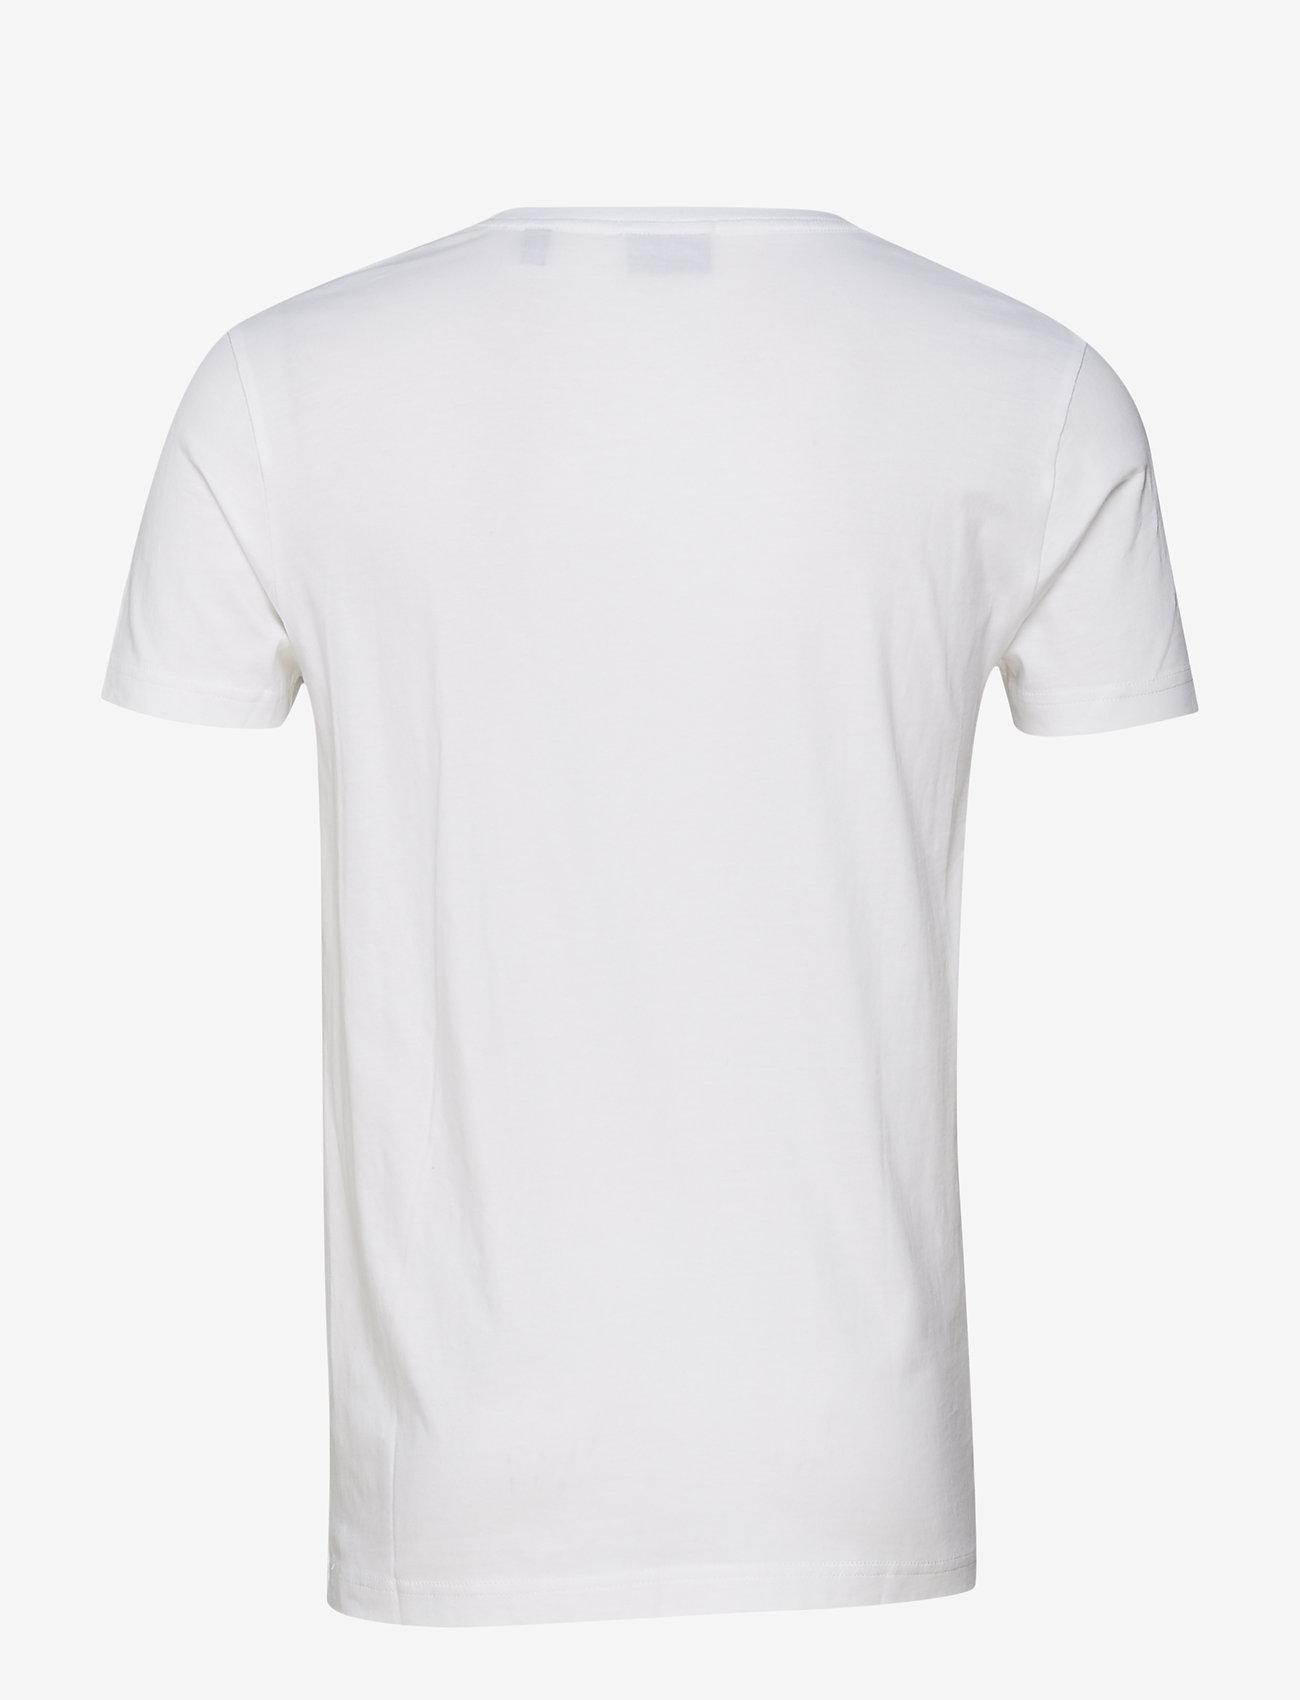 GANT ORIGINAL SLIM T-SHIRT - T-skjorter WHITE - Menn Klær